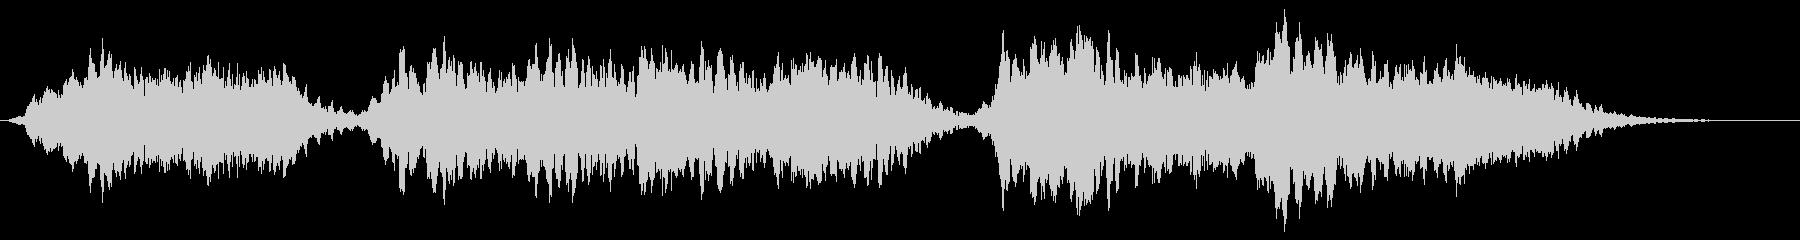 背景音 サスペンス 2の未再生の波形